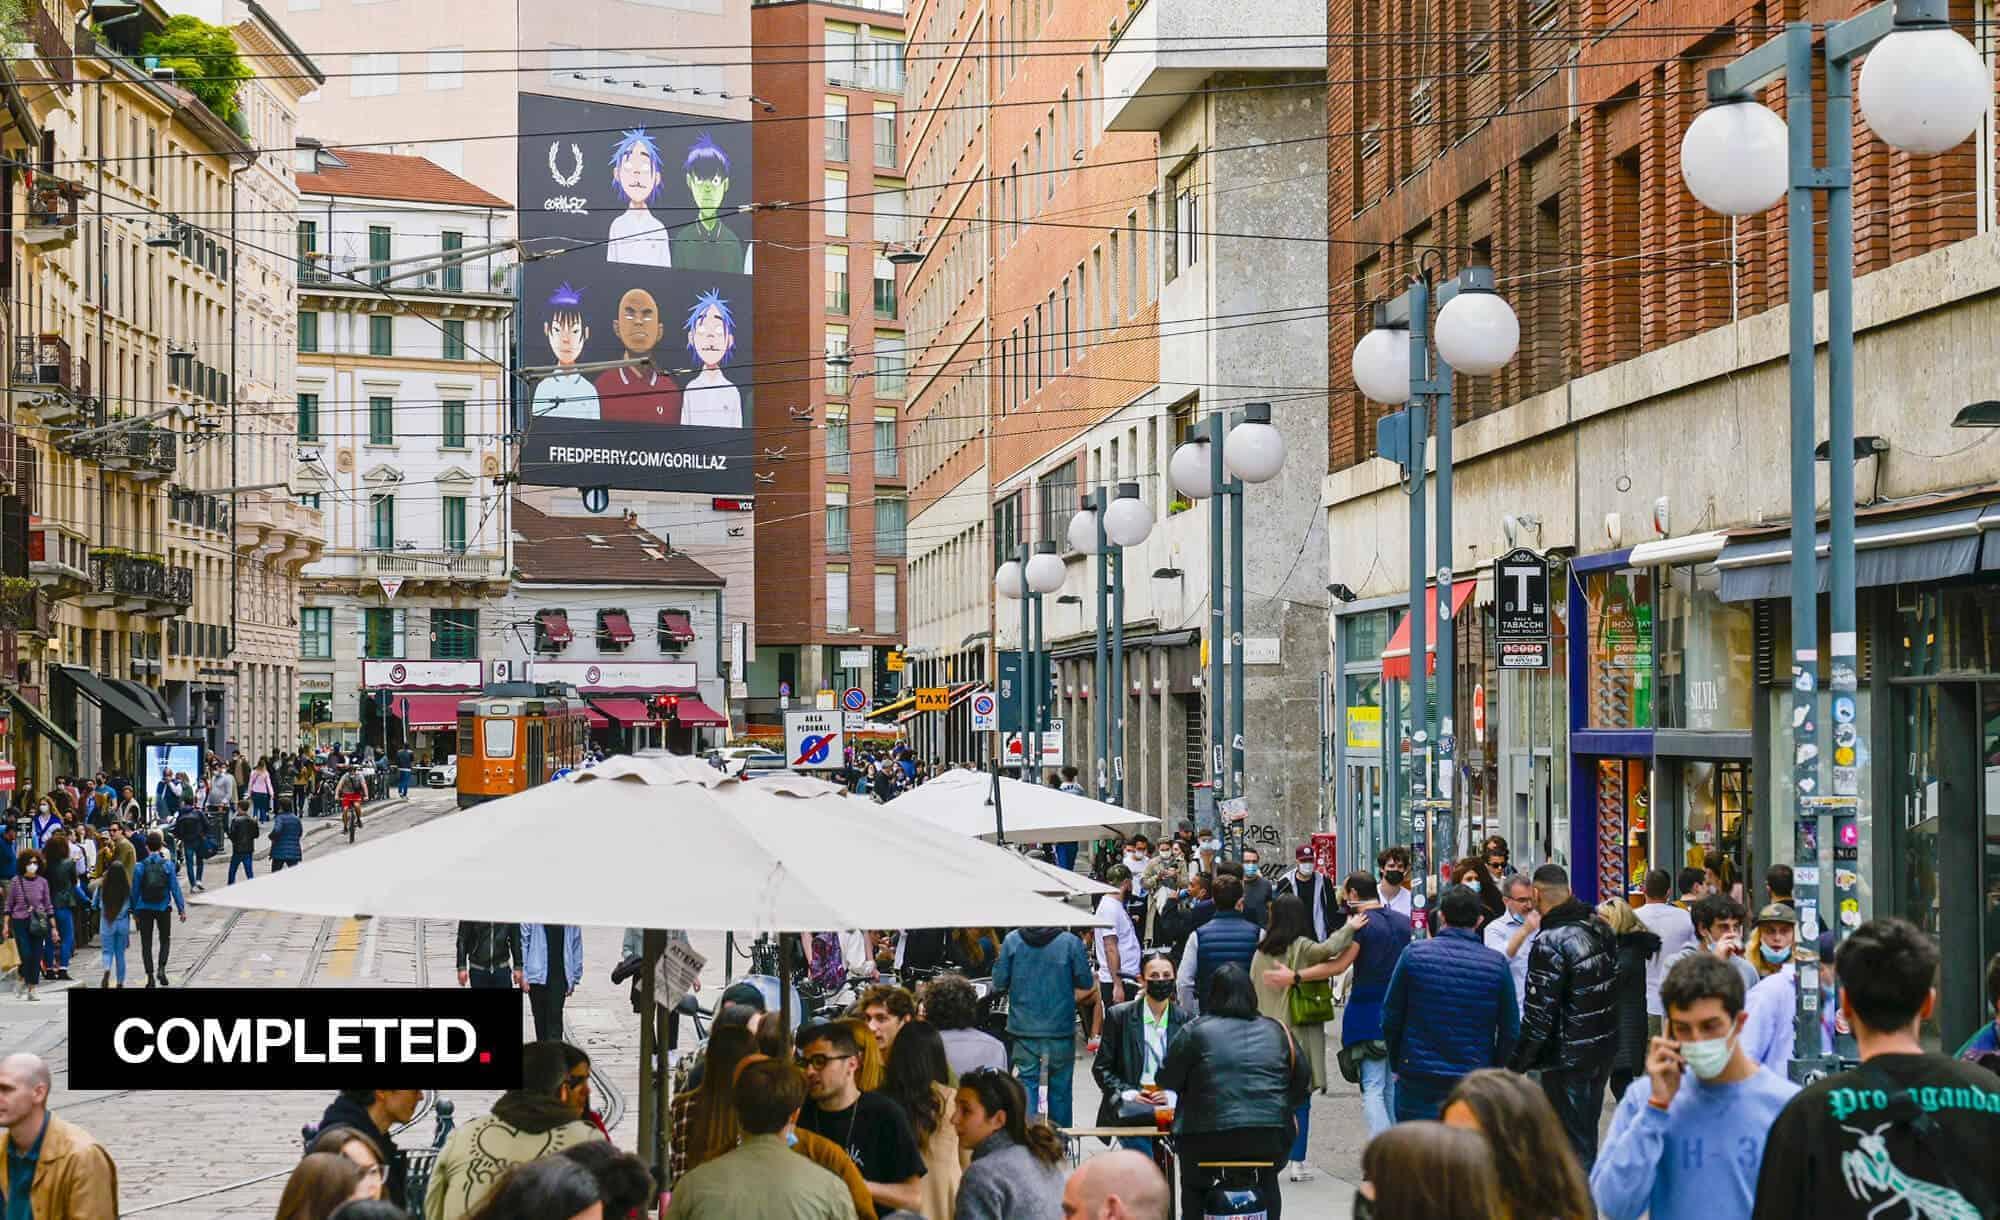 Maxi Affissione a Milano in Largo Carrobbio con Fred Perry e Gorillaz (Fashion)